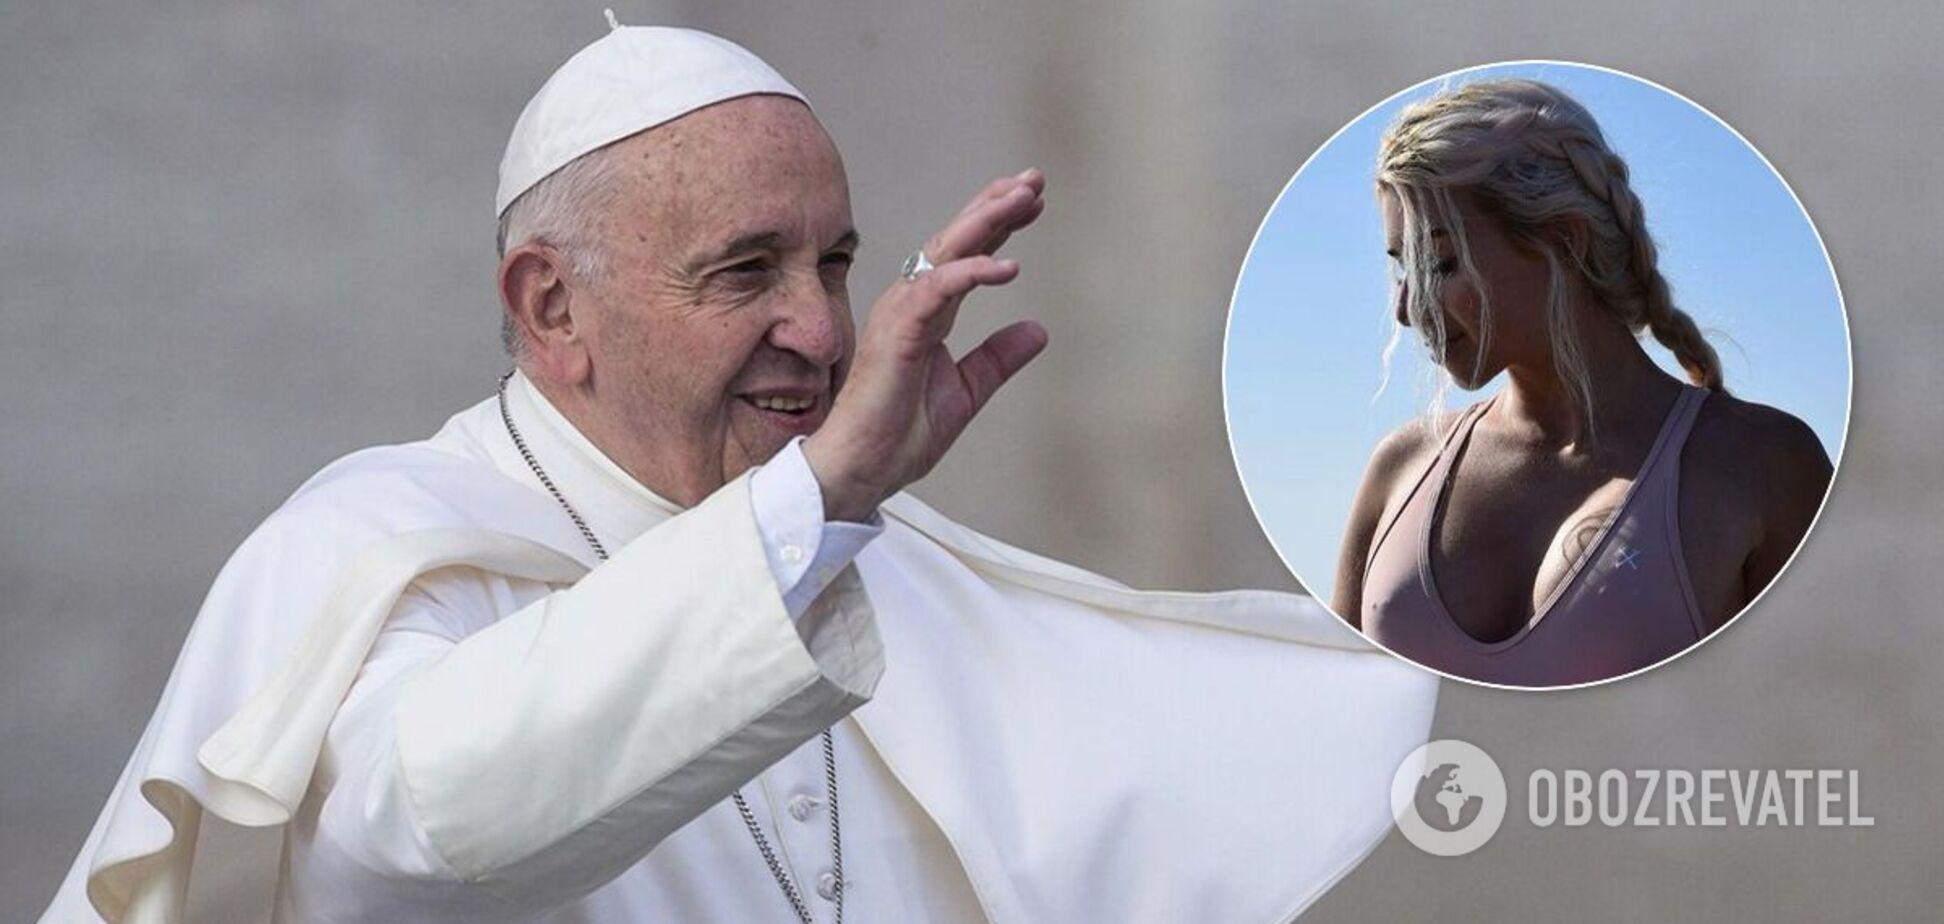 Папа Римский снова 'лайкнул' в сети откровенное фото модели